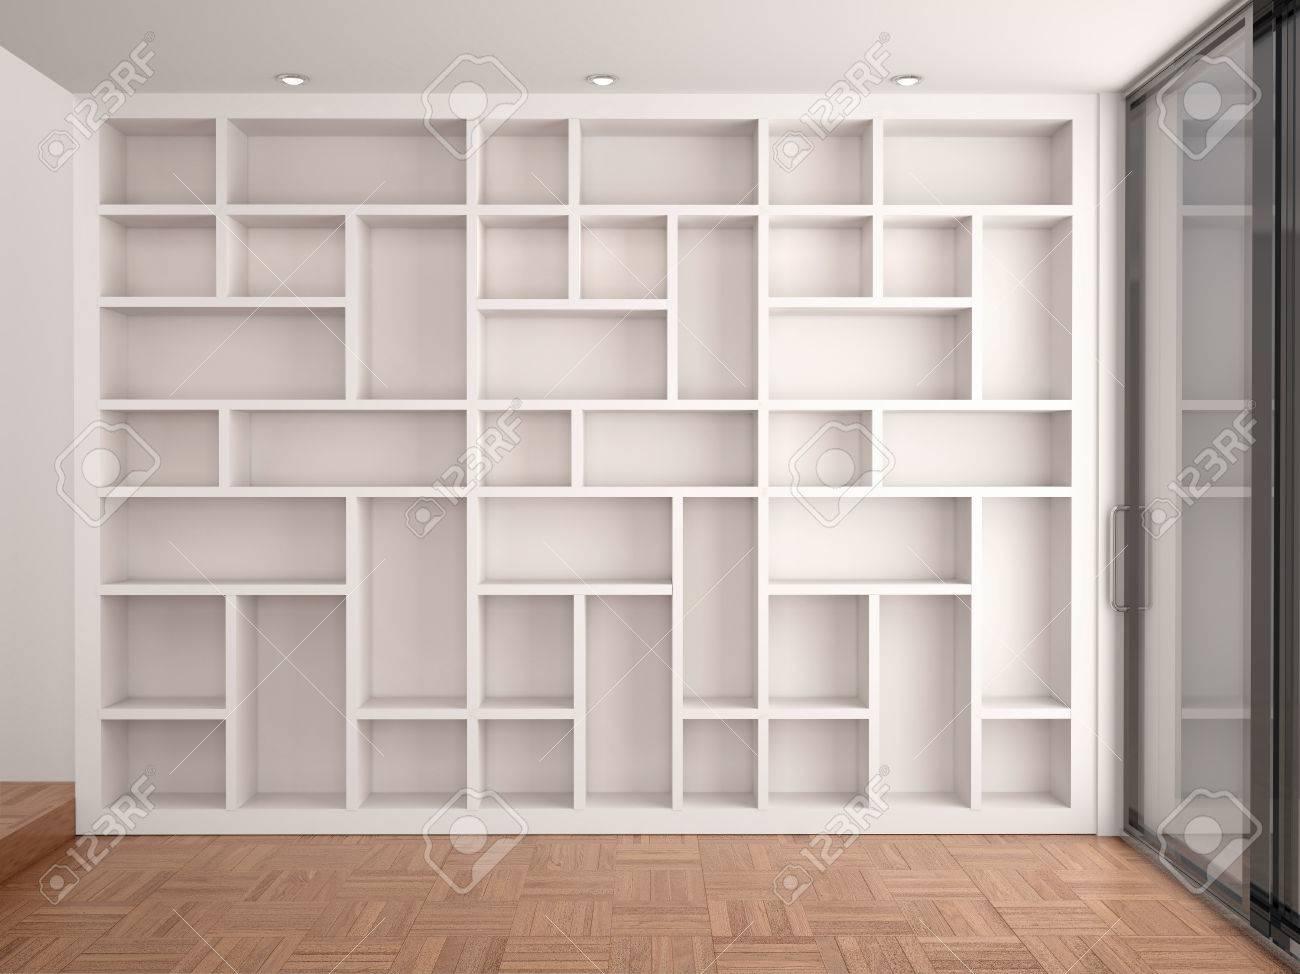 3d illustration of Empty shelves in modern